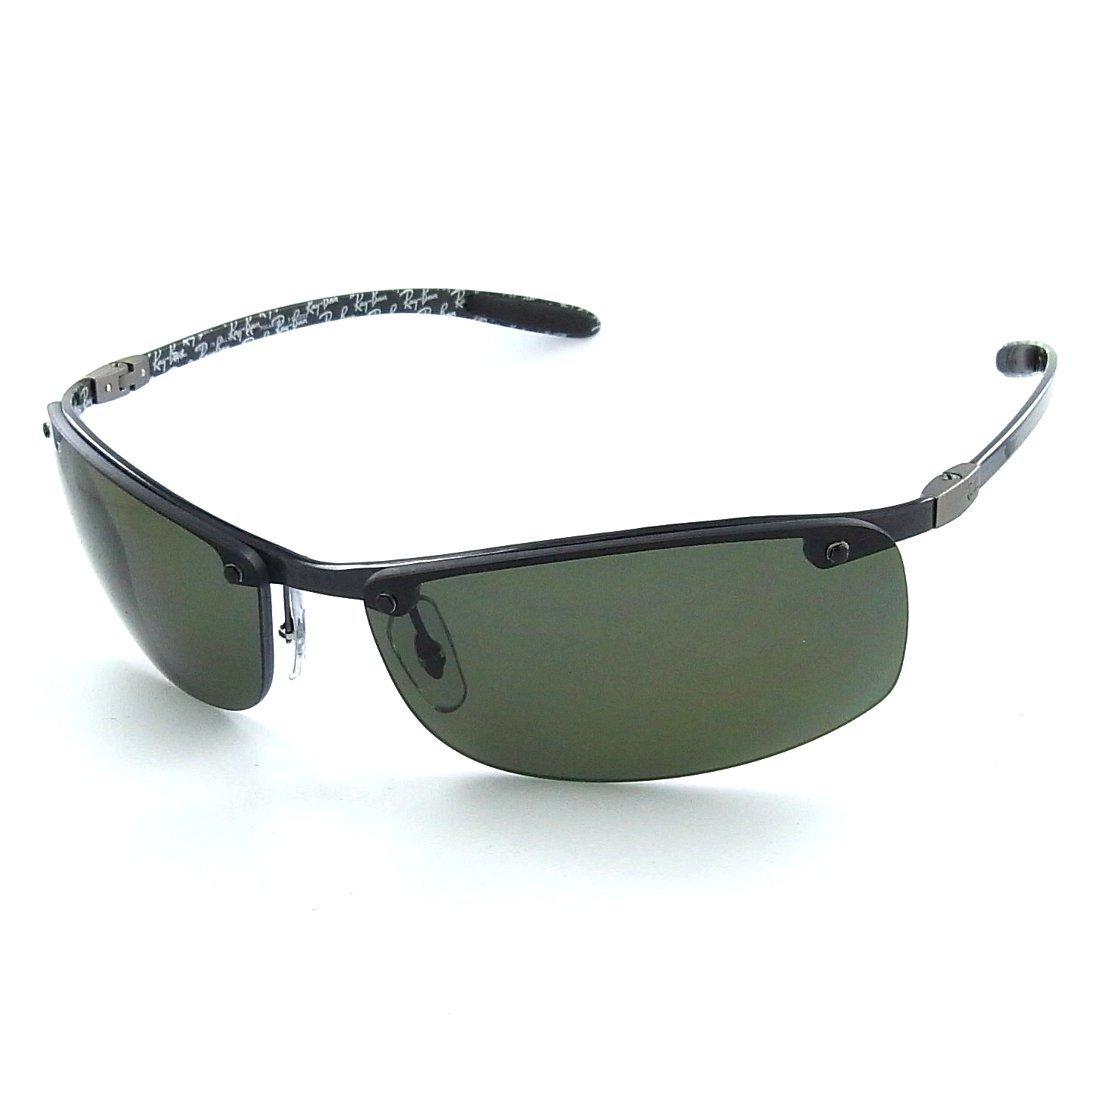 6e891b085e ... low price ray ban sunglasses rb 8305 082 2879d 84a38